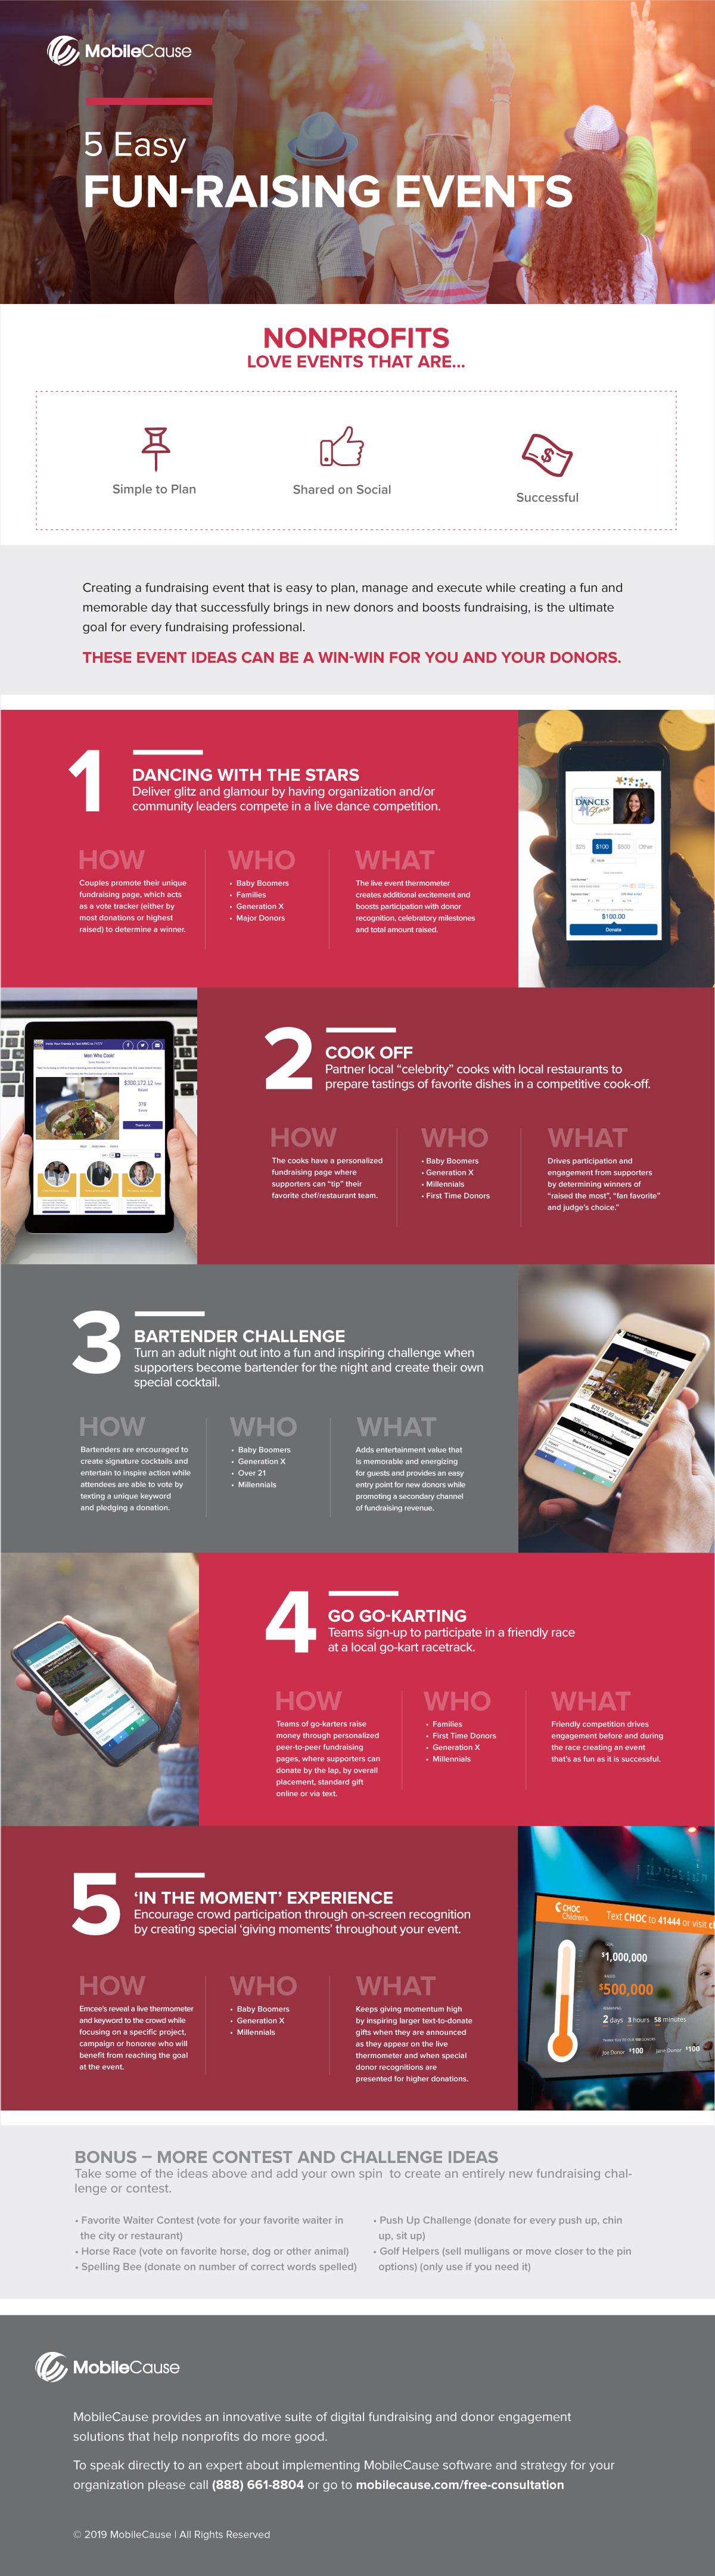 5_EasyFun-RaisingEvents_Infographic_V2.jpg